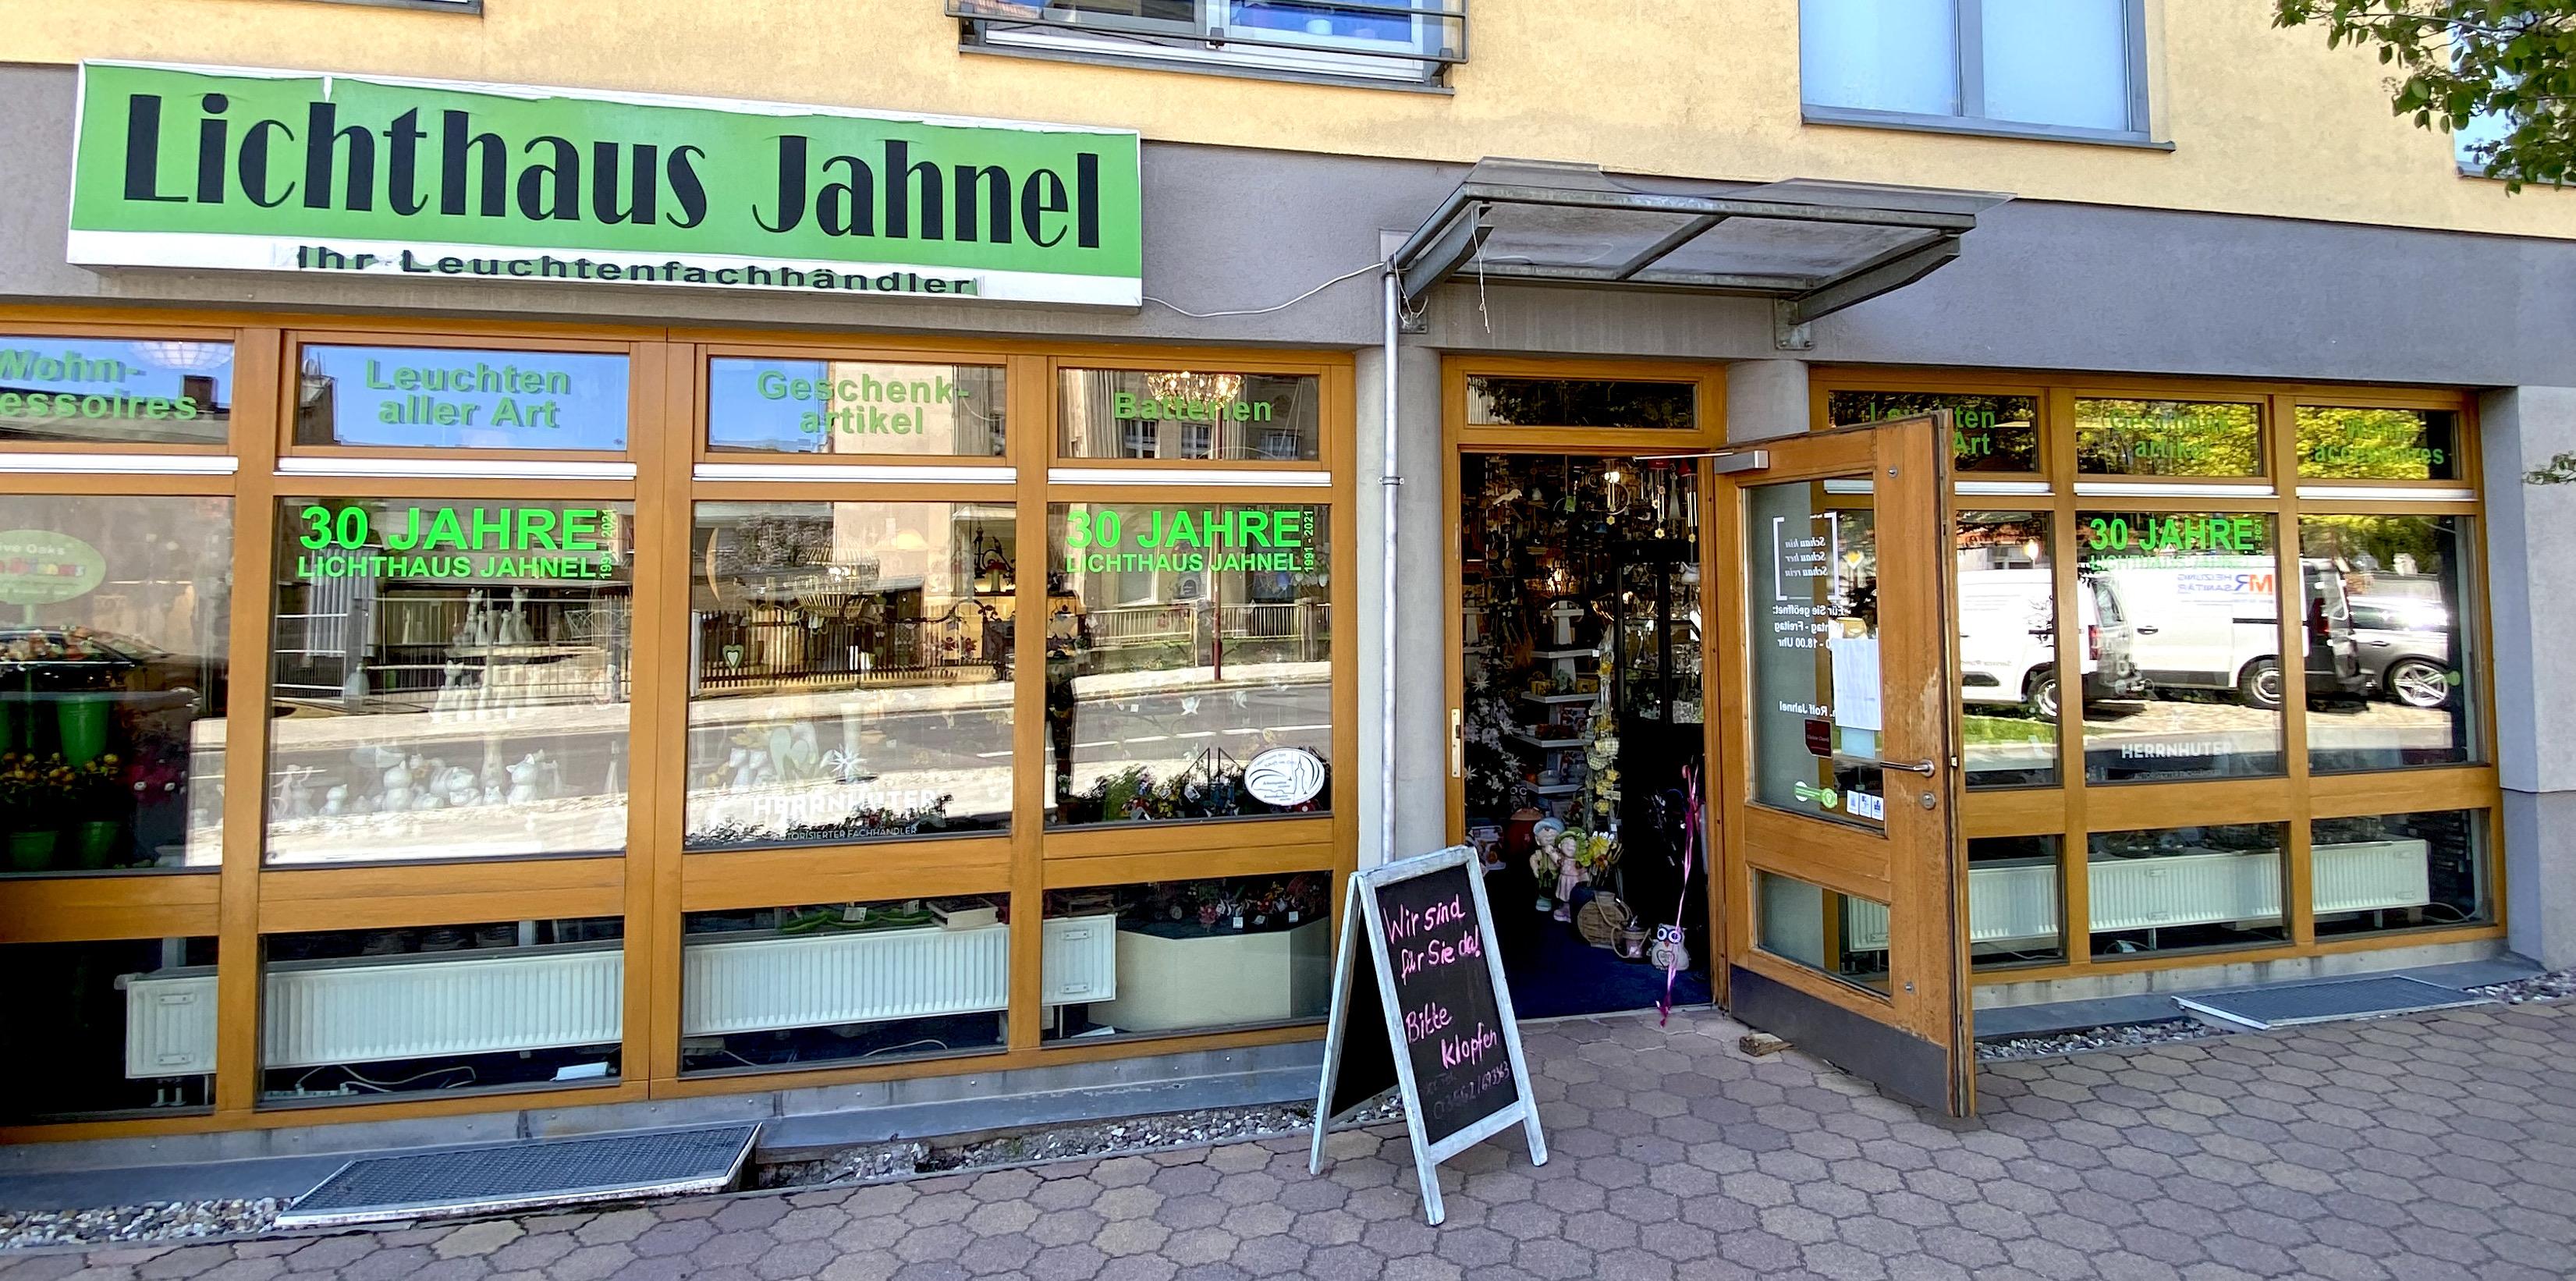 Lichthaus Jahnel